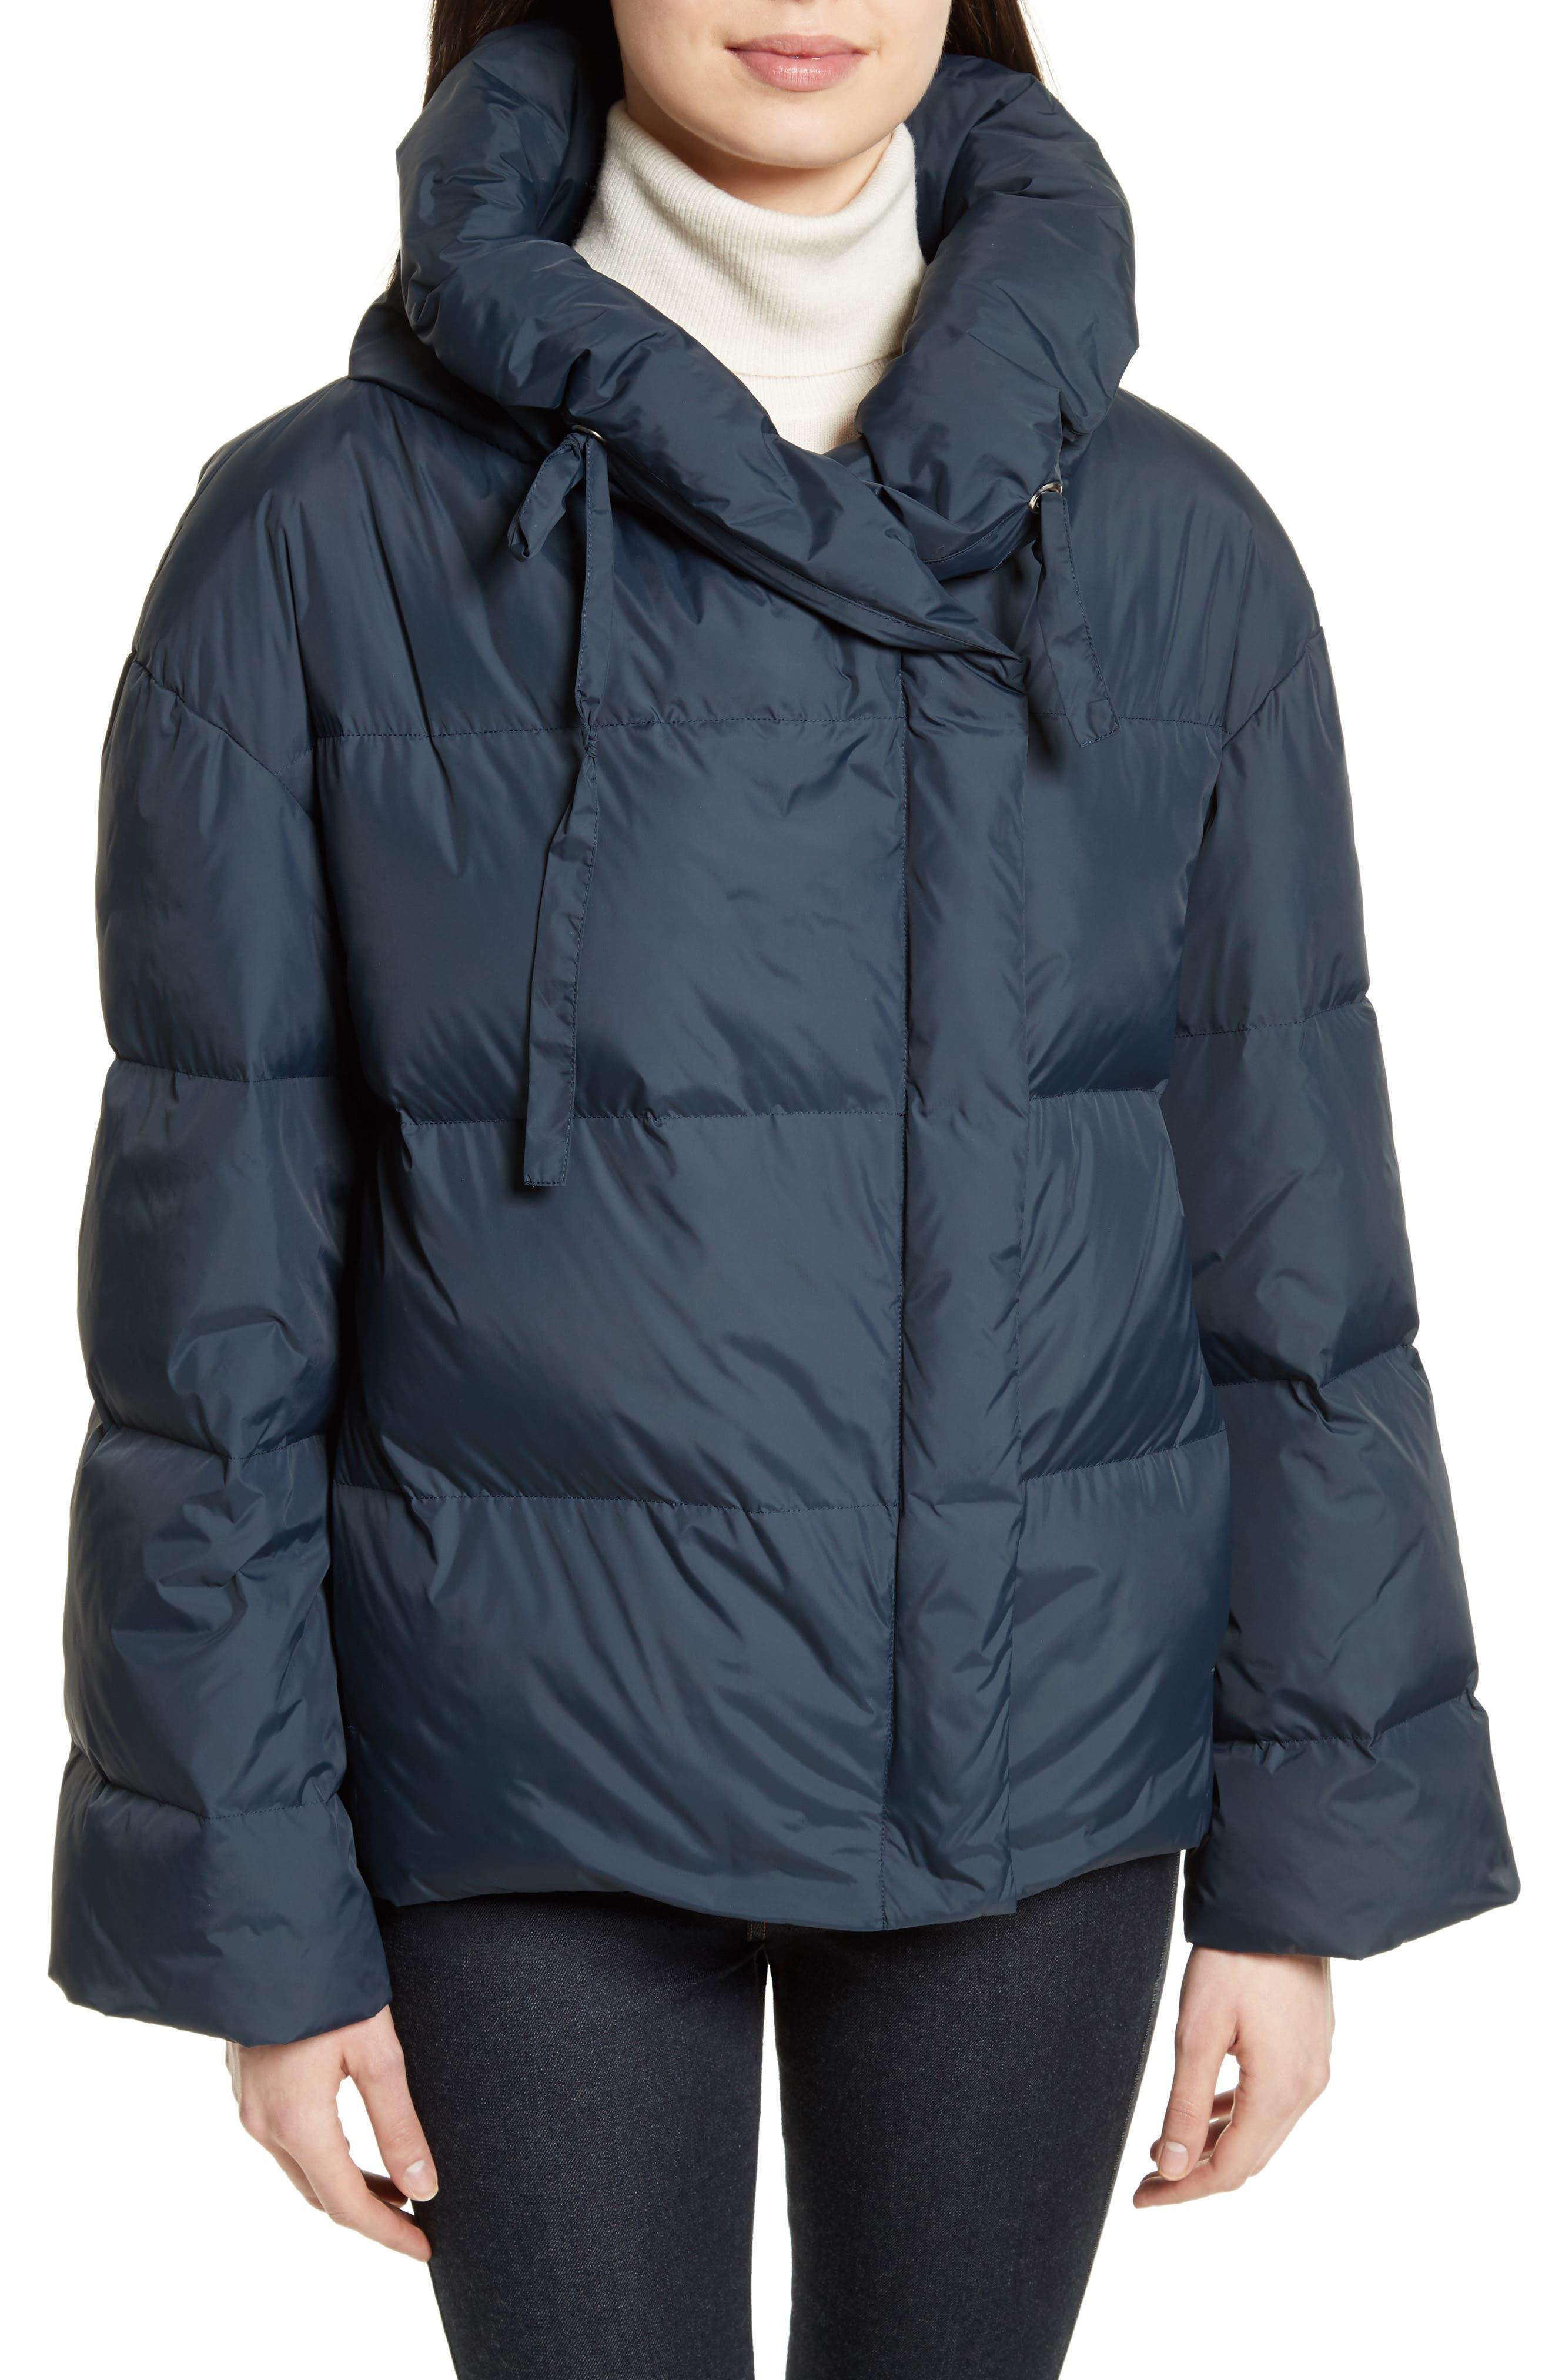 Main Image - Theory Toralla Puffer Jacket